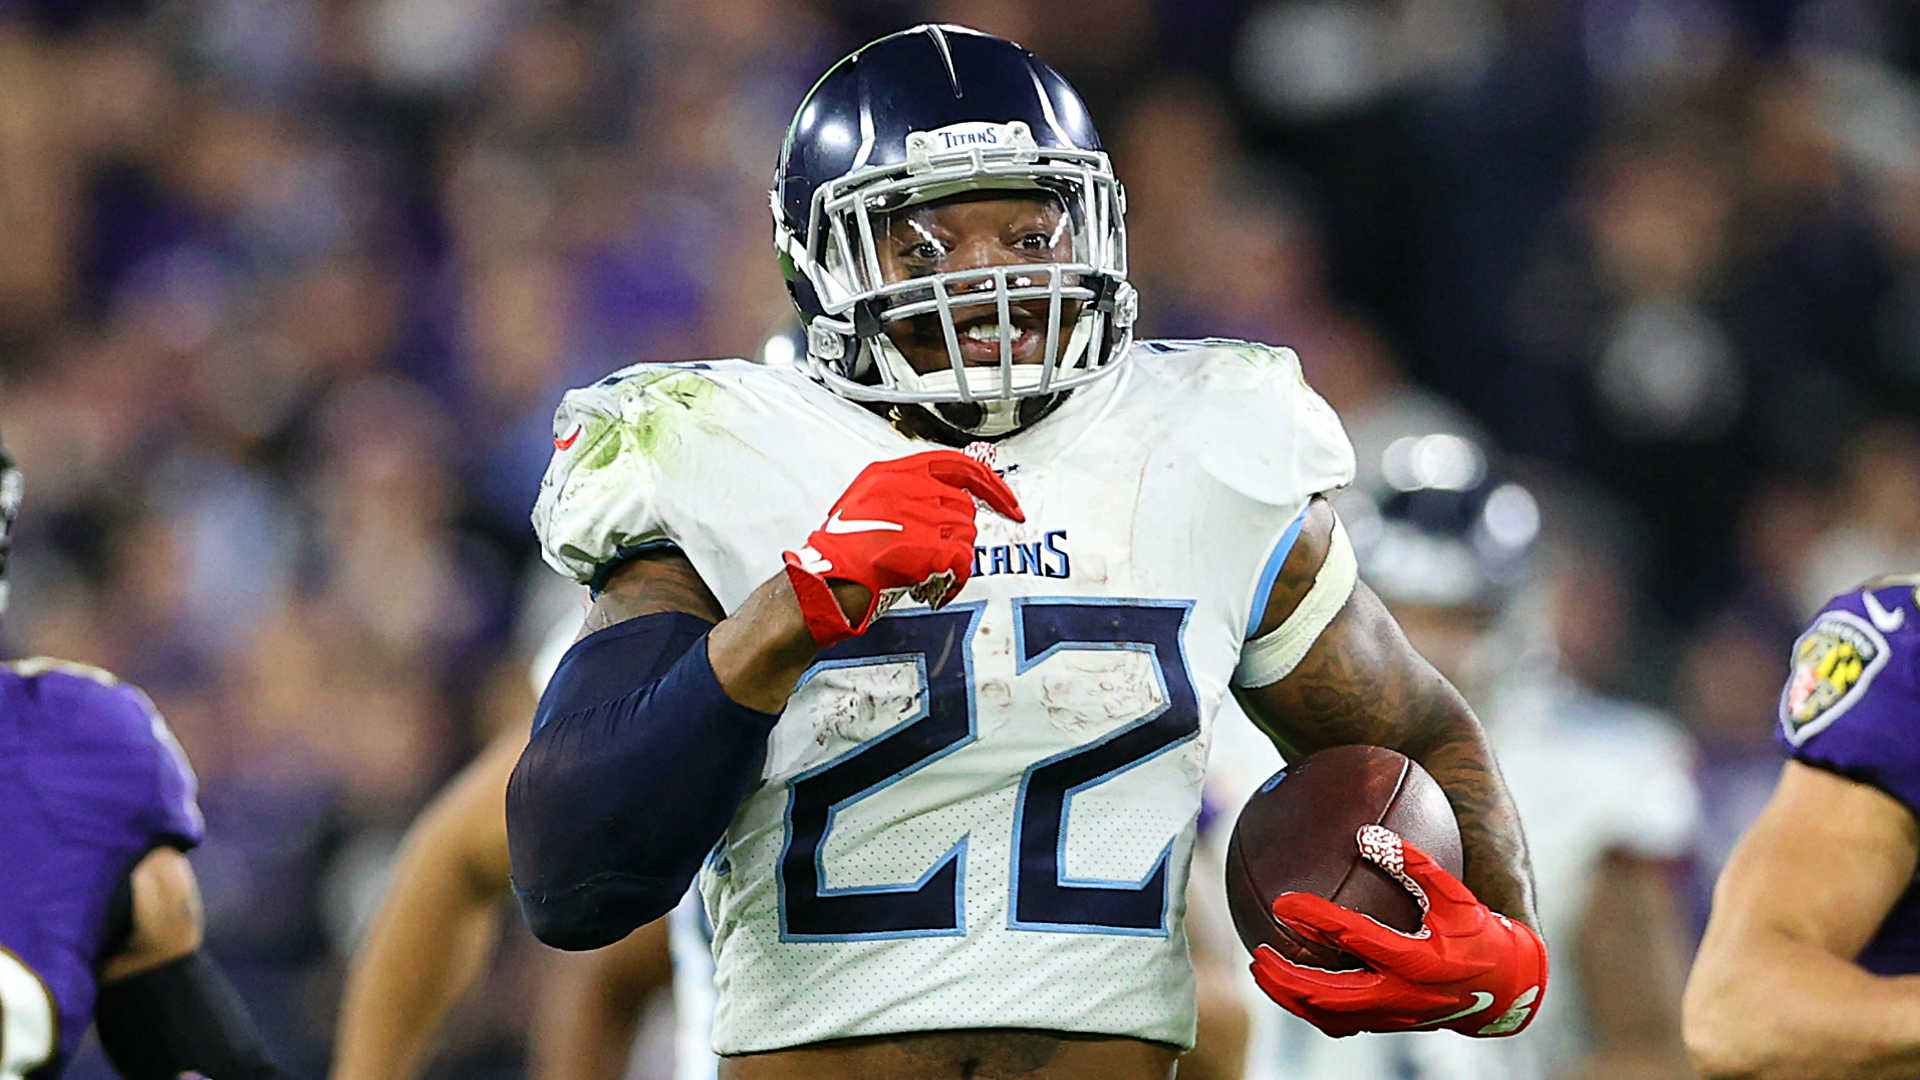 NFL free agent rankings 2020: Derrick Henry, Melvin Gordon among top 11 running backs available